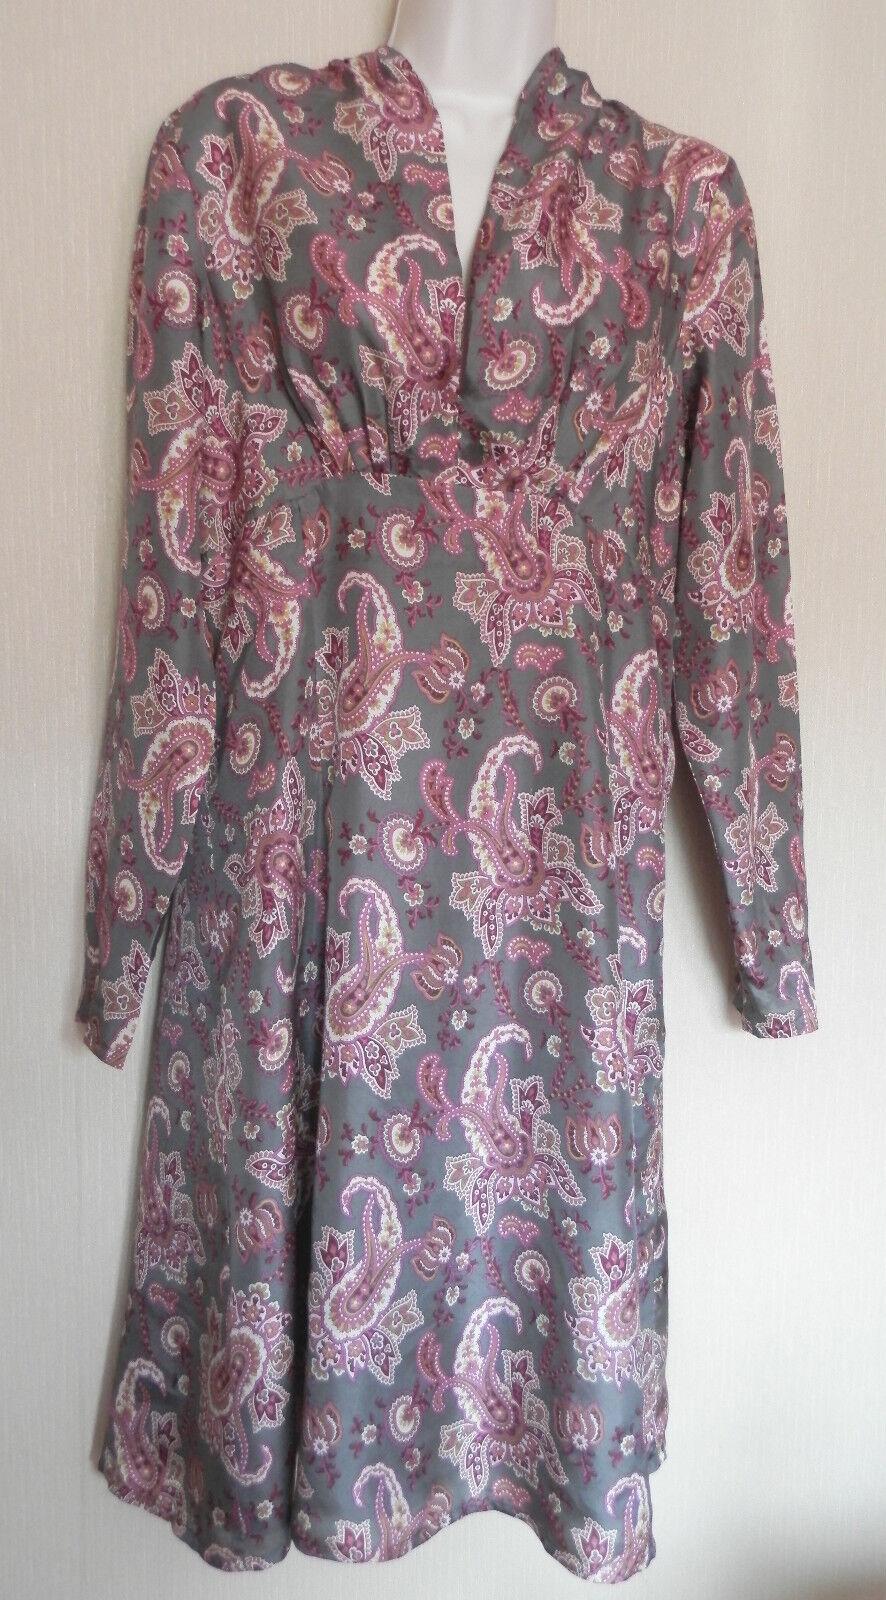 Noa Noa Small UK10 EU38 US6 grau silk paisley print long-sleeved dress - unworn